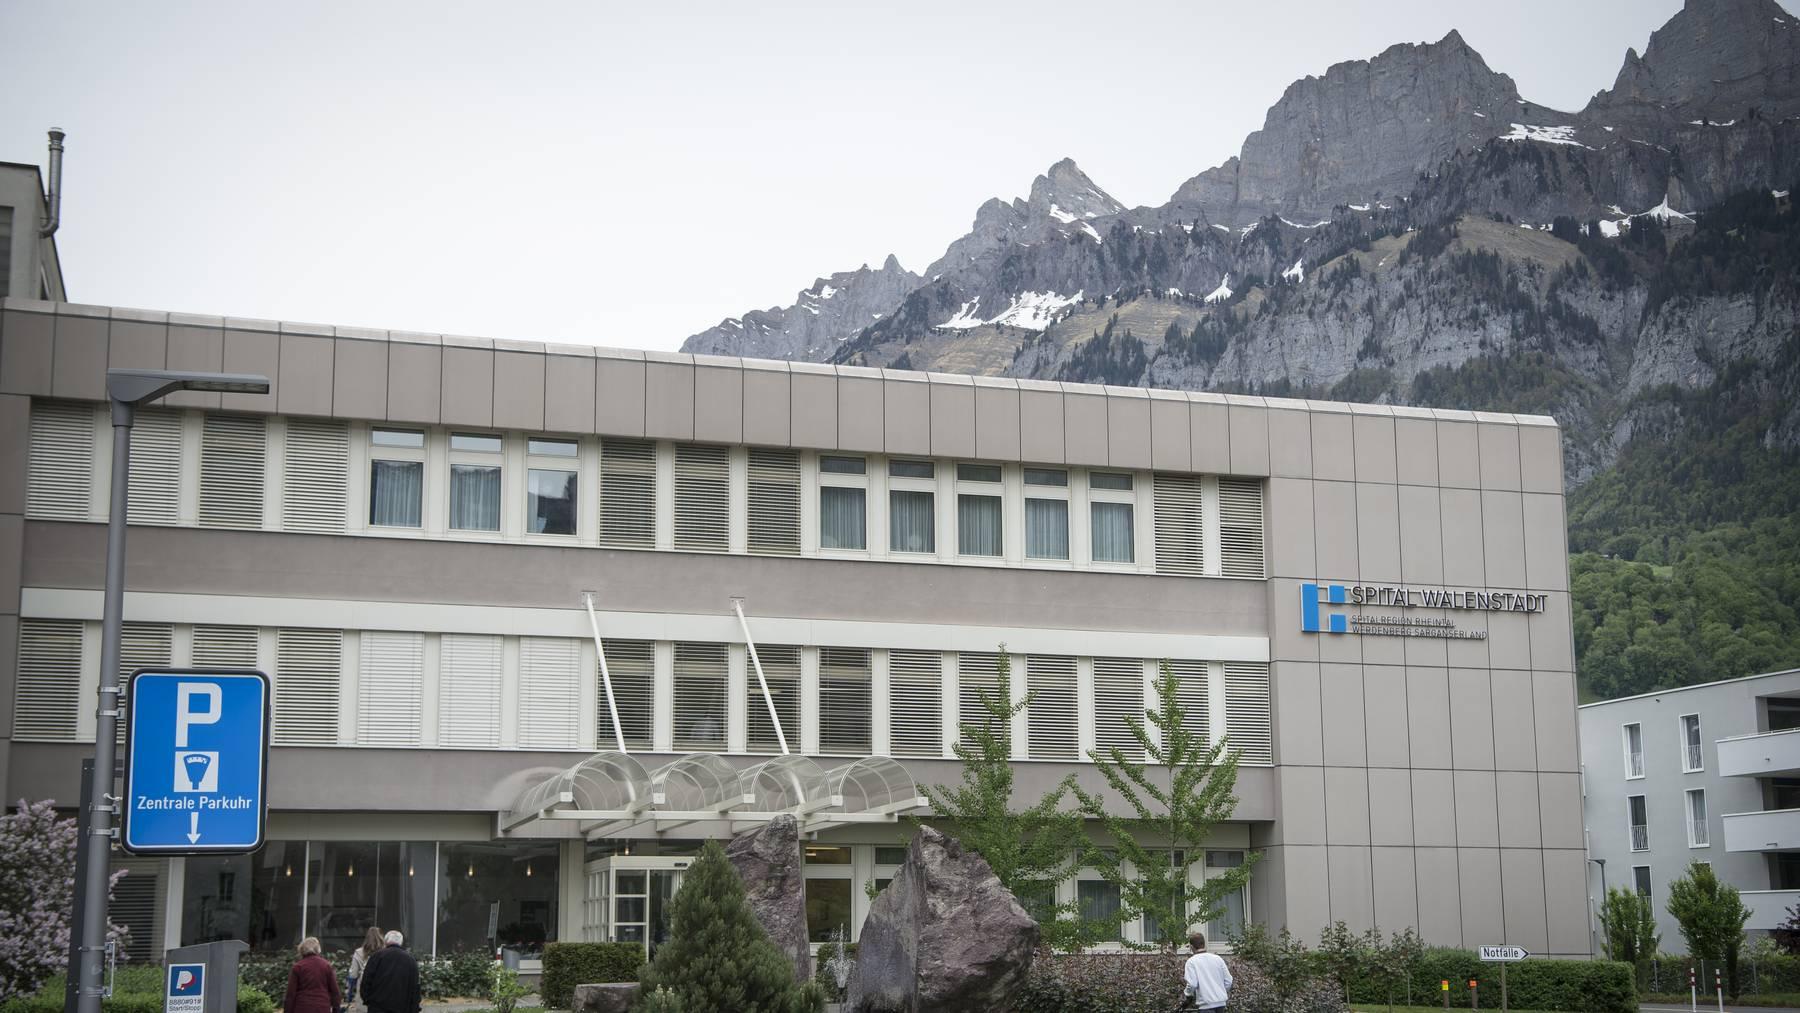 Sollen Covid-19-Patienten im Spital Walenstadt gepflegt werden?